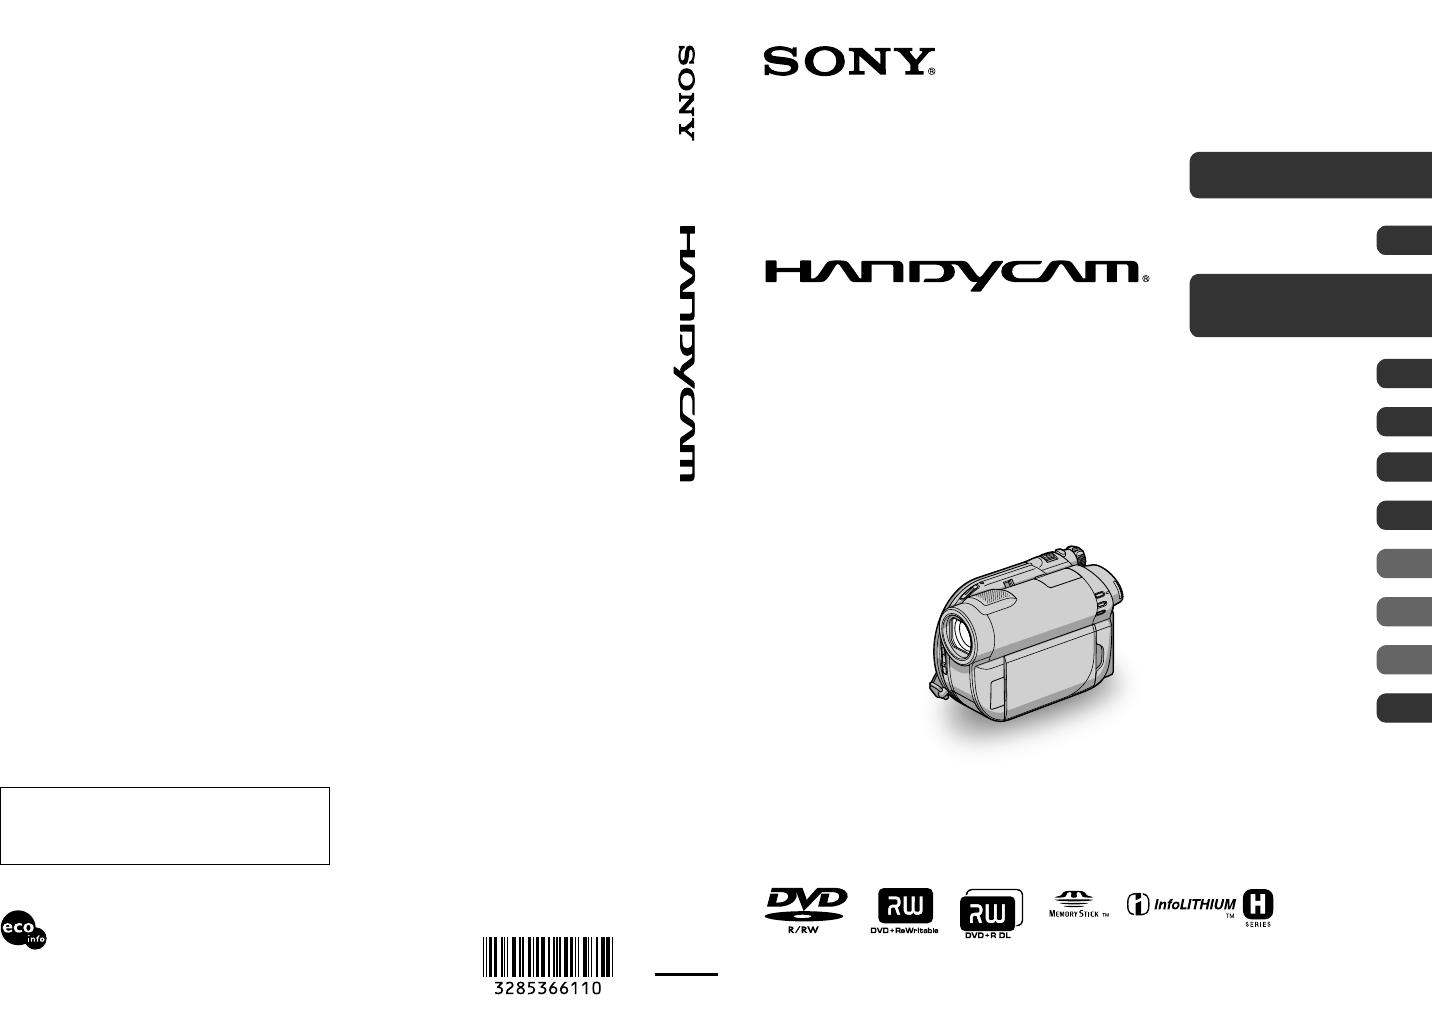 sony camcorder dcr dvd810 user guide manualsonline com rh manualsonline com